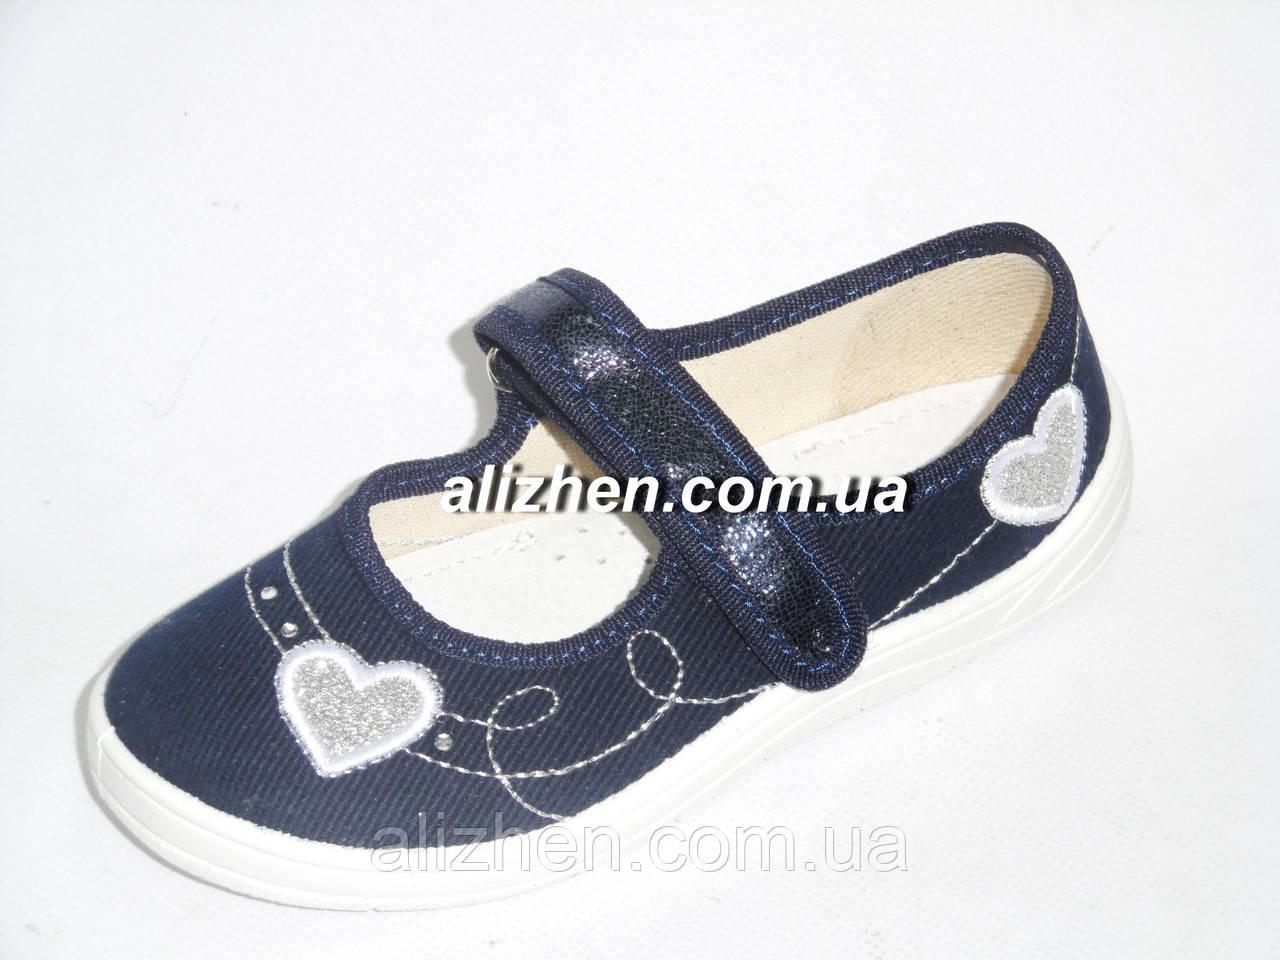 3853a2c255f55c Купить Нарядные текстильные туфли для девочки 24, 25, 26, 27, 28, 29 ...